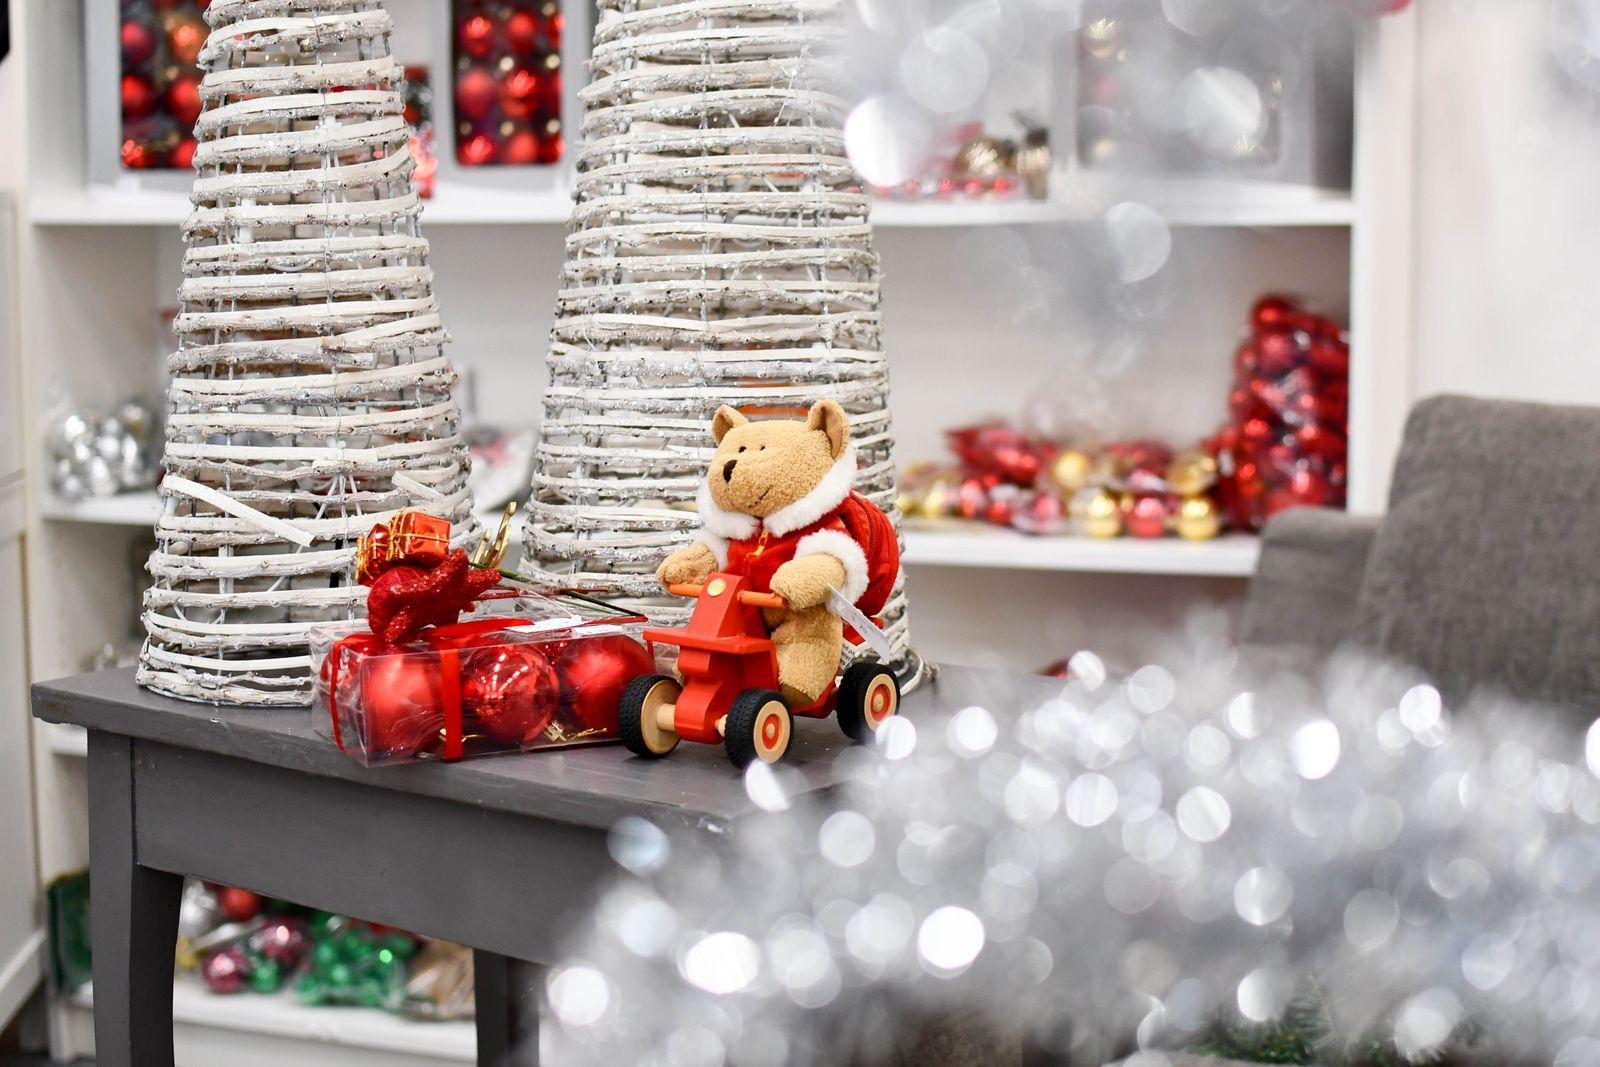 Istället för en stor julavdelning satsar Öppna hjärtat i Ystad i år på fyra mindre avdelningar i butiken. Allt för att kunderna ska slippa trängas.